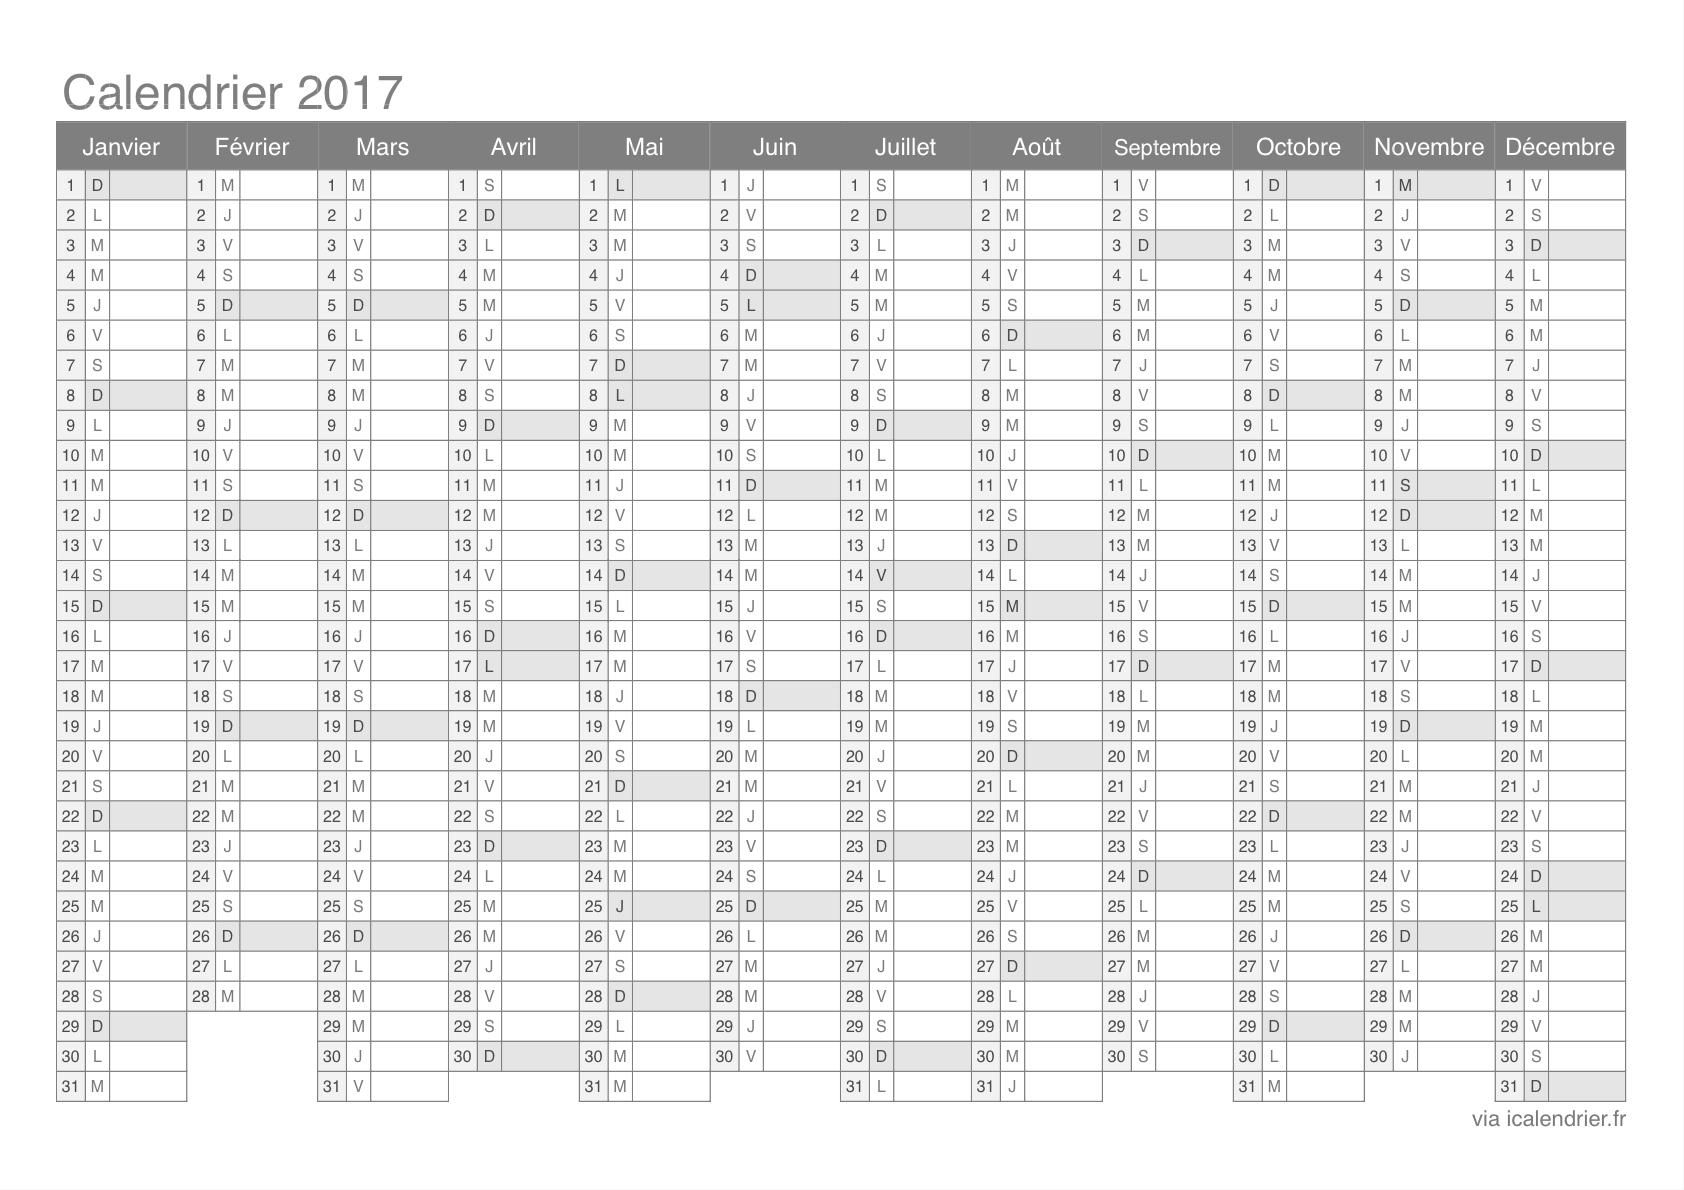 Calendrier 2017 À Imprimer Pdf Et Excel - Icalendrier concernant Imprimer Un Calendrier 2017